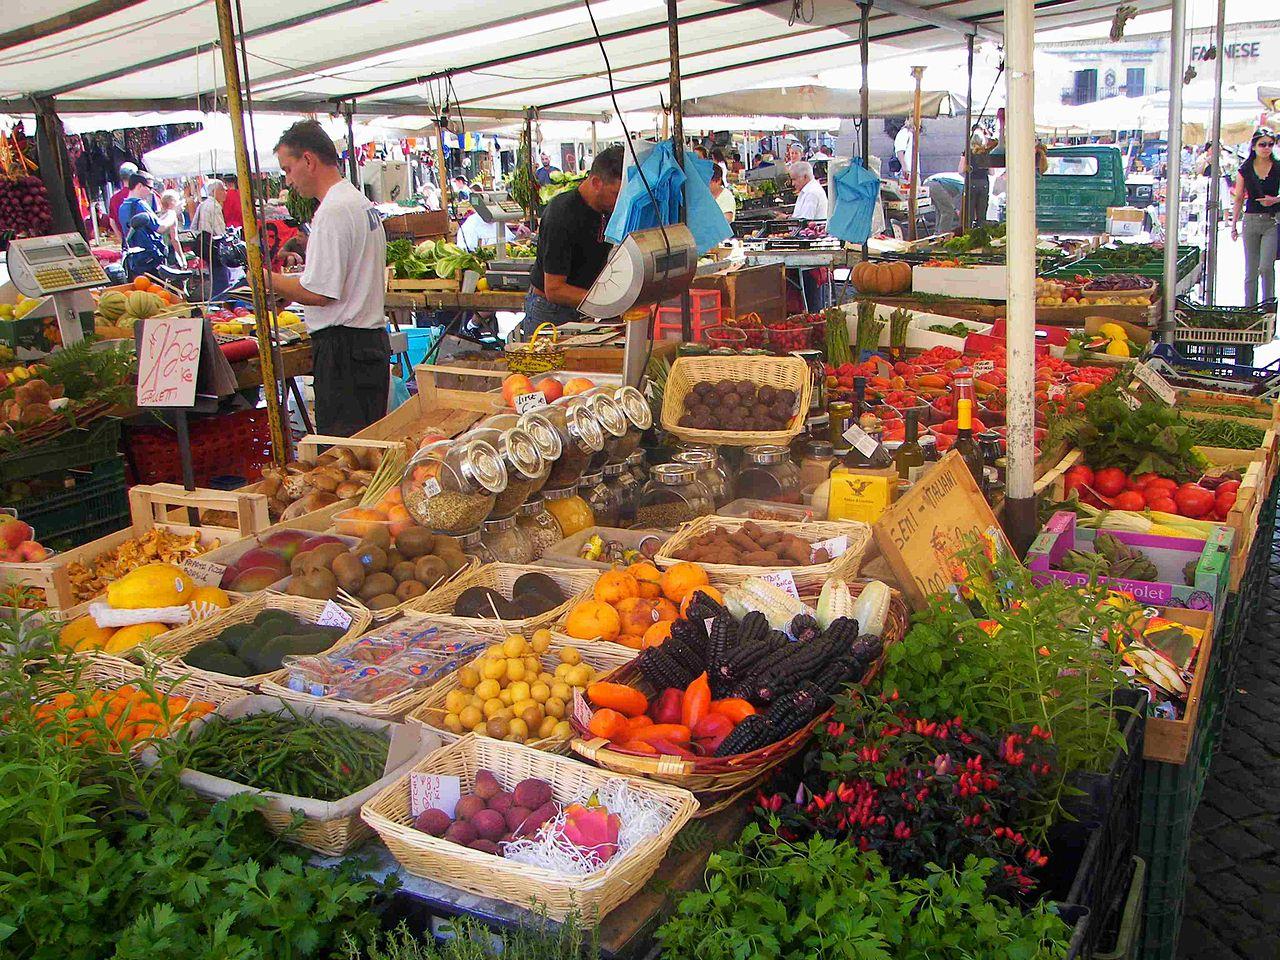 campo-de-fiori-rome-markets